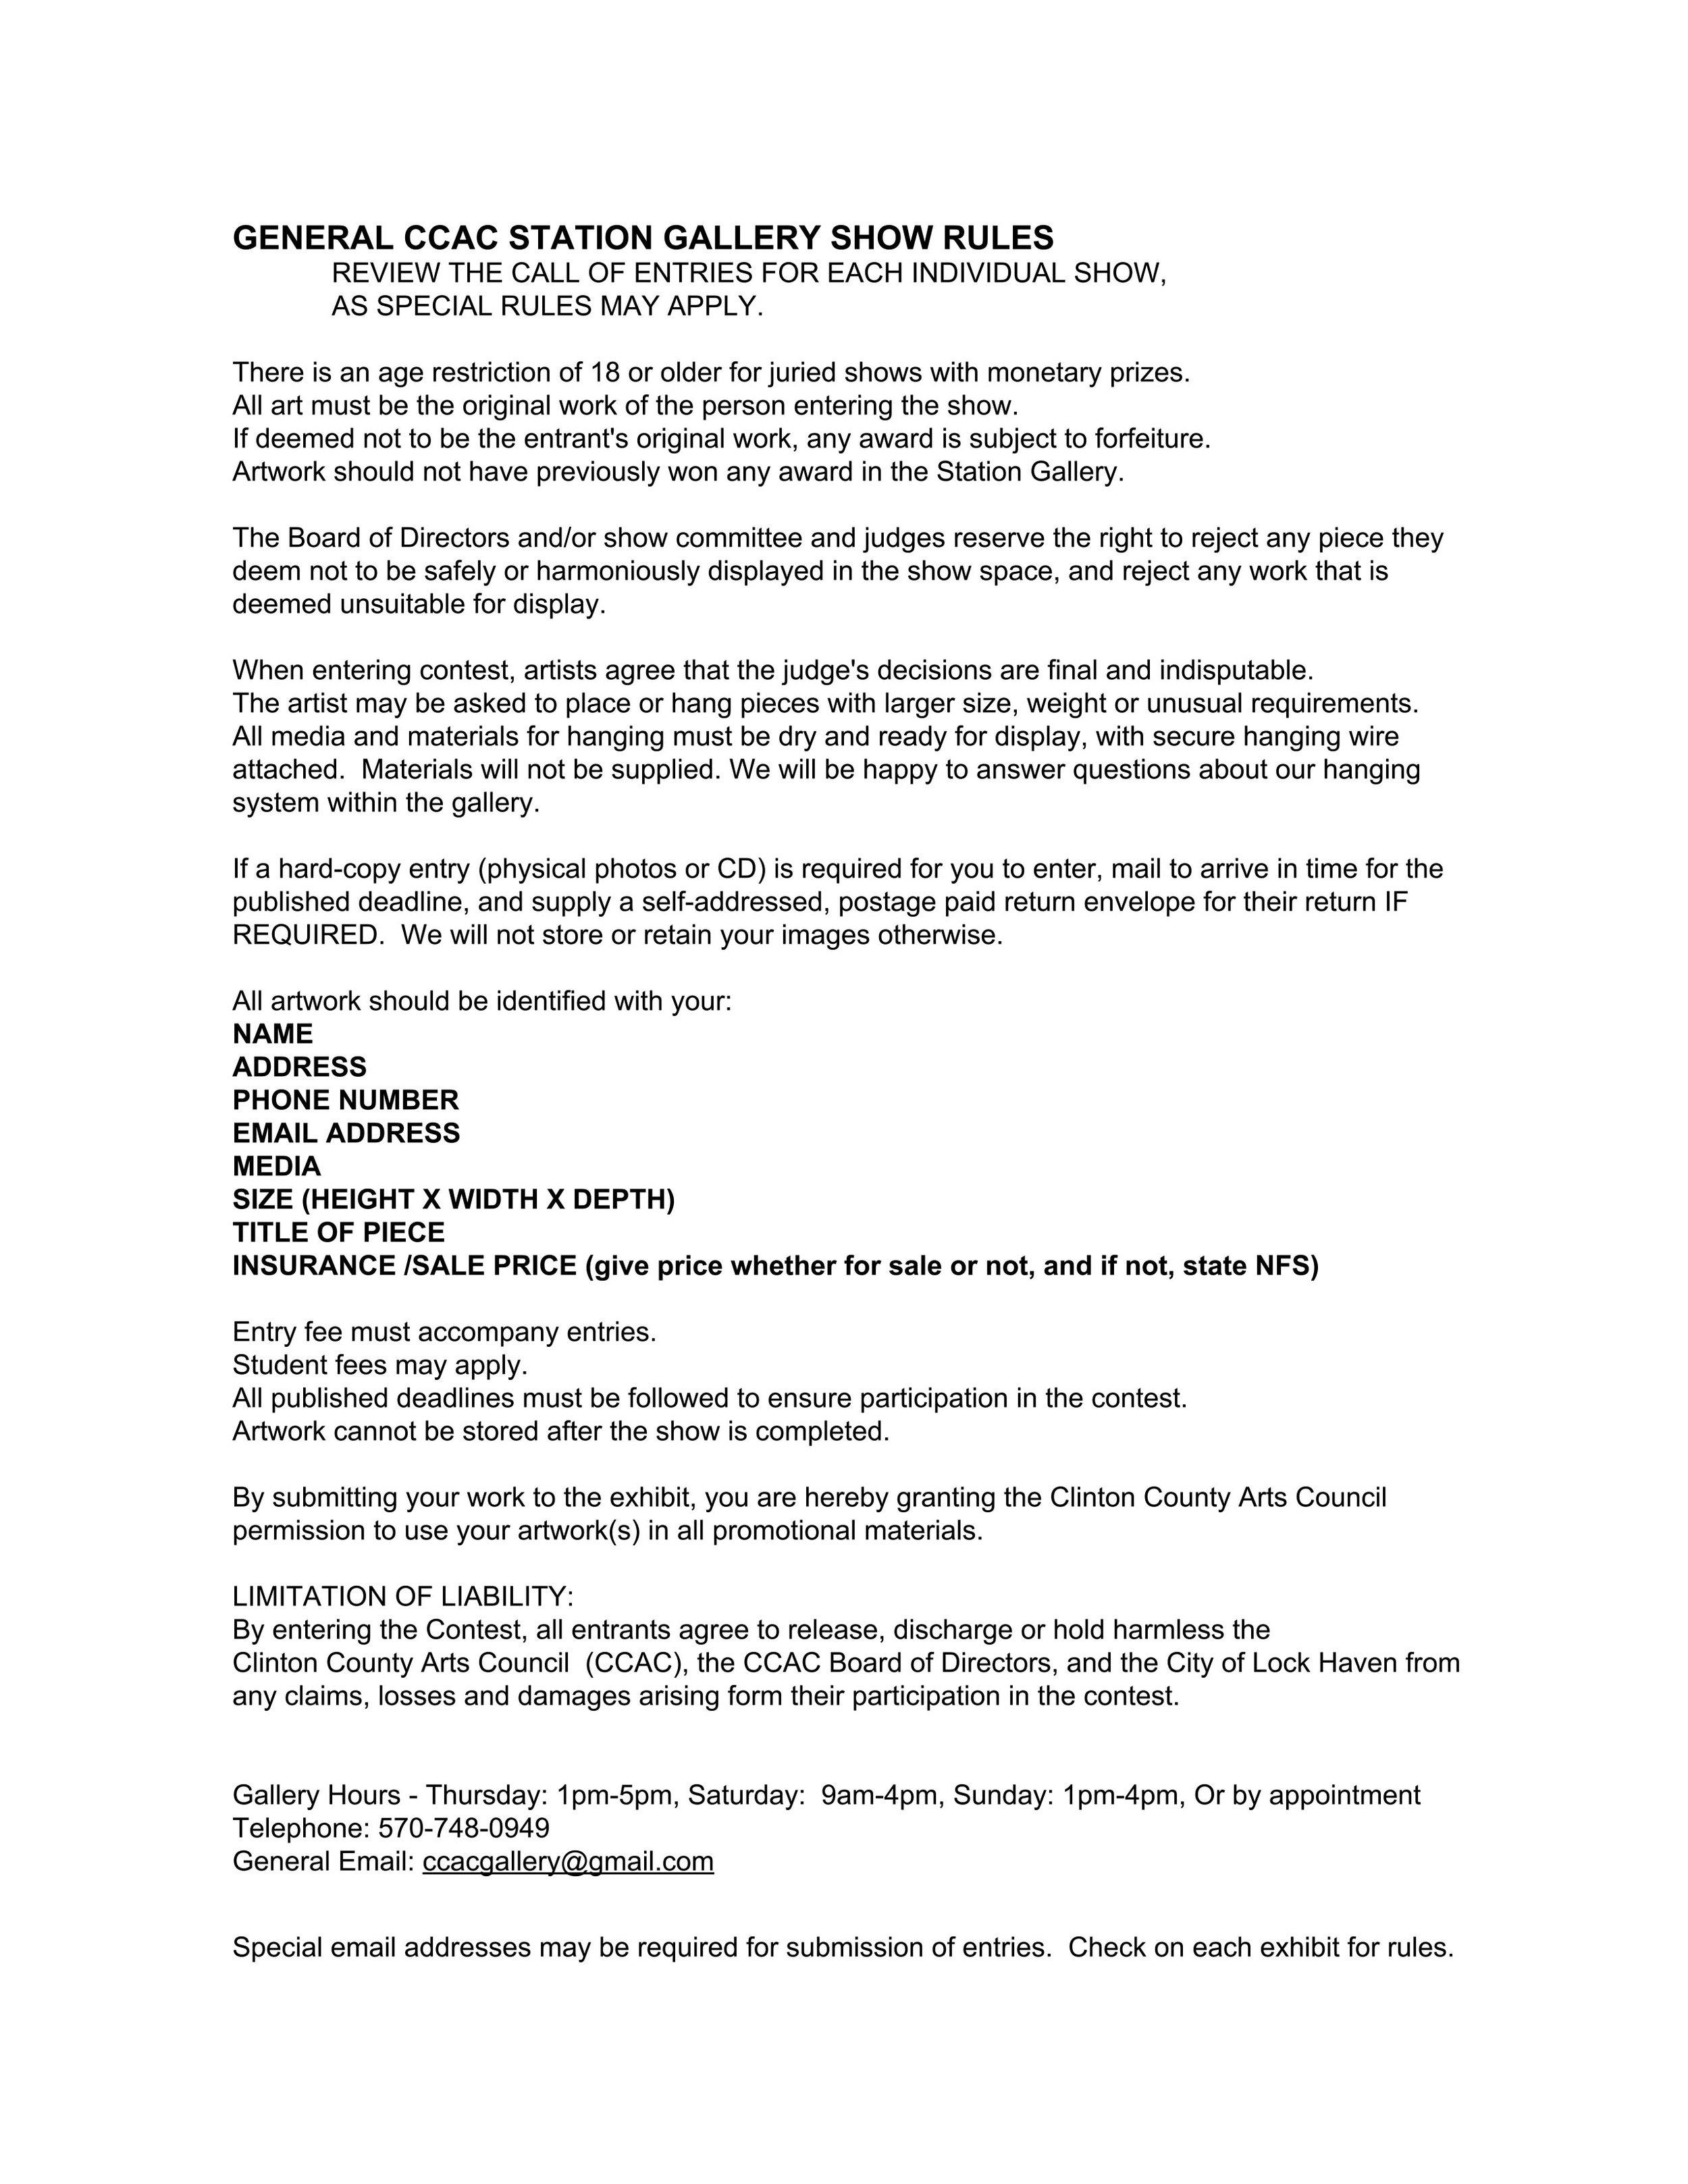 2019 GENERAL GALLERY RULES.jpg